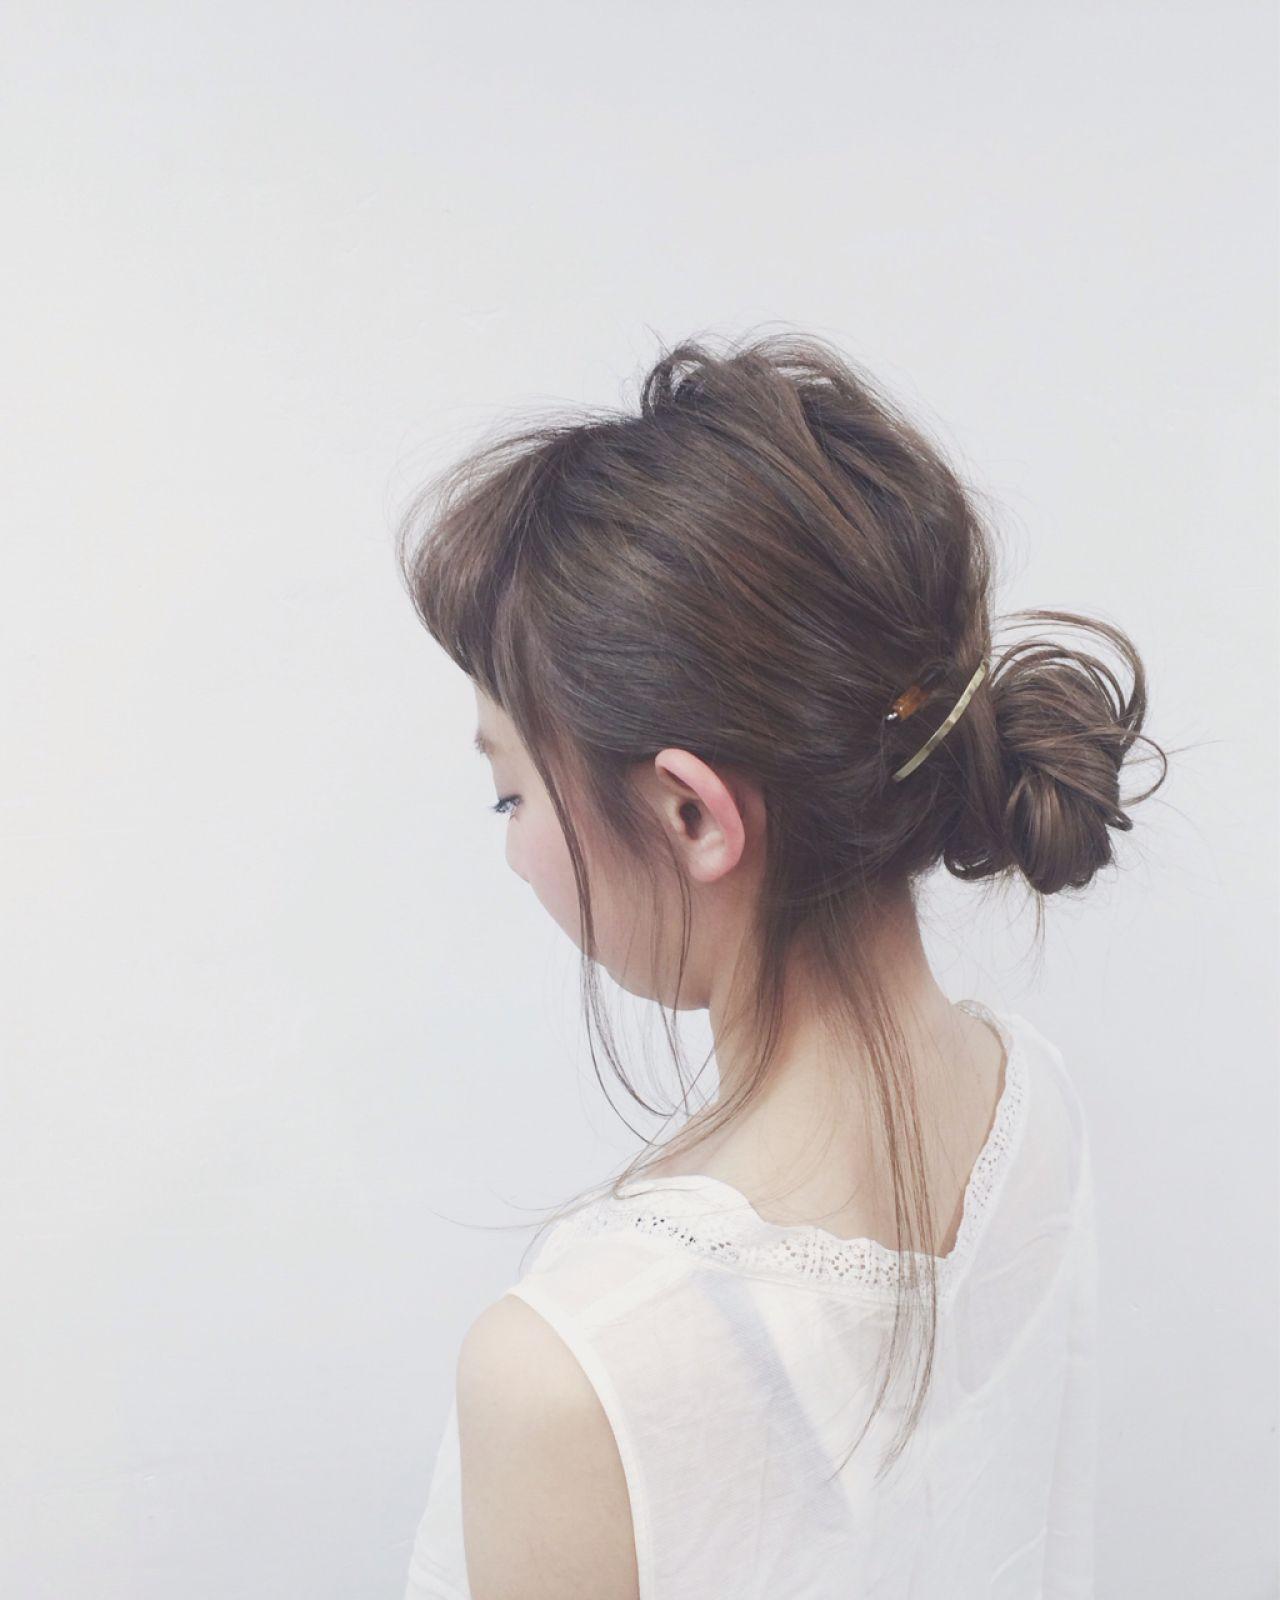 ナチュラル ゆるふわ ヘアアレンジ 春 ヘアスタイルや髪型の写真・画像